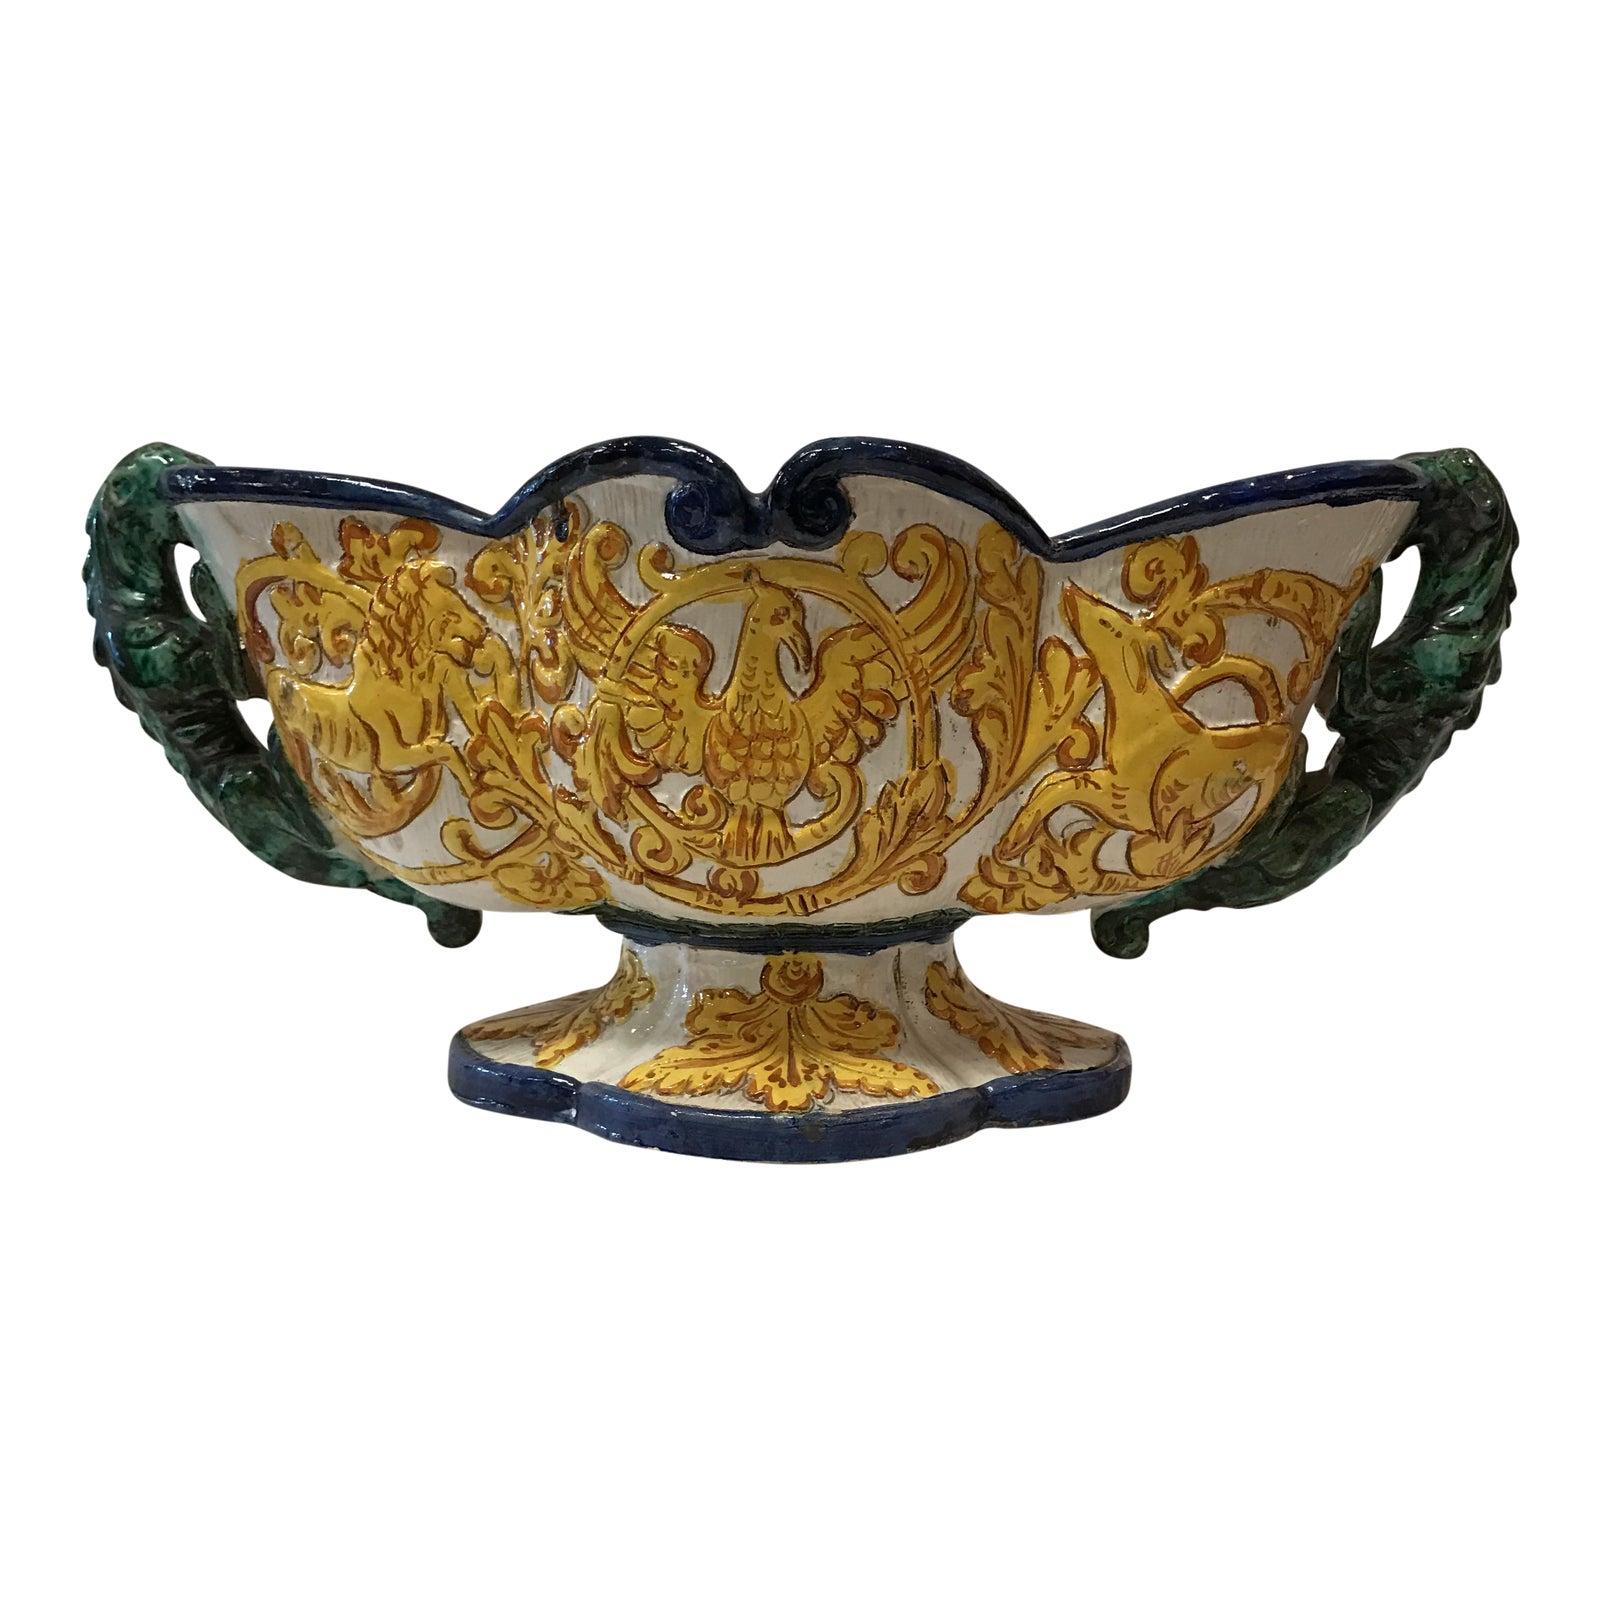 Vintage Italian Pottery Vase | Chairish